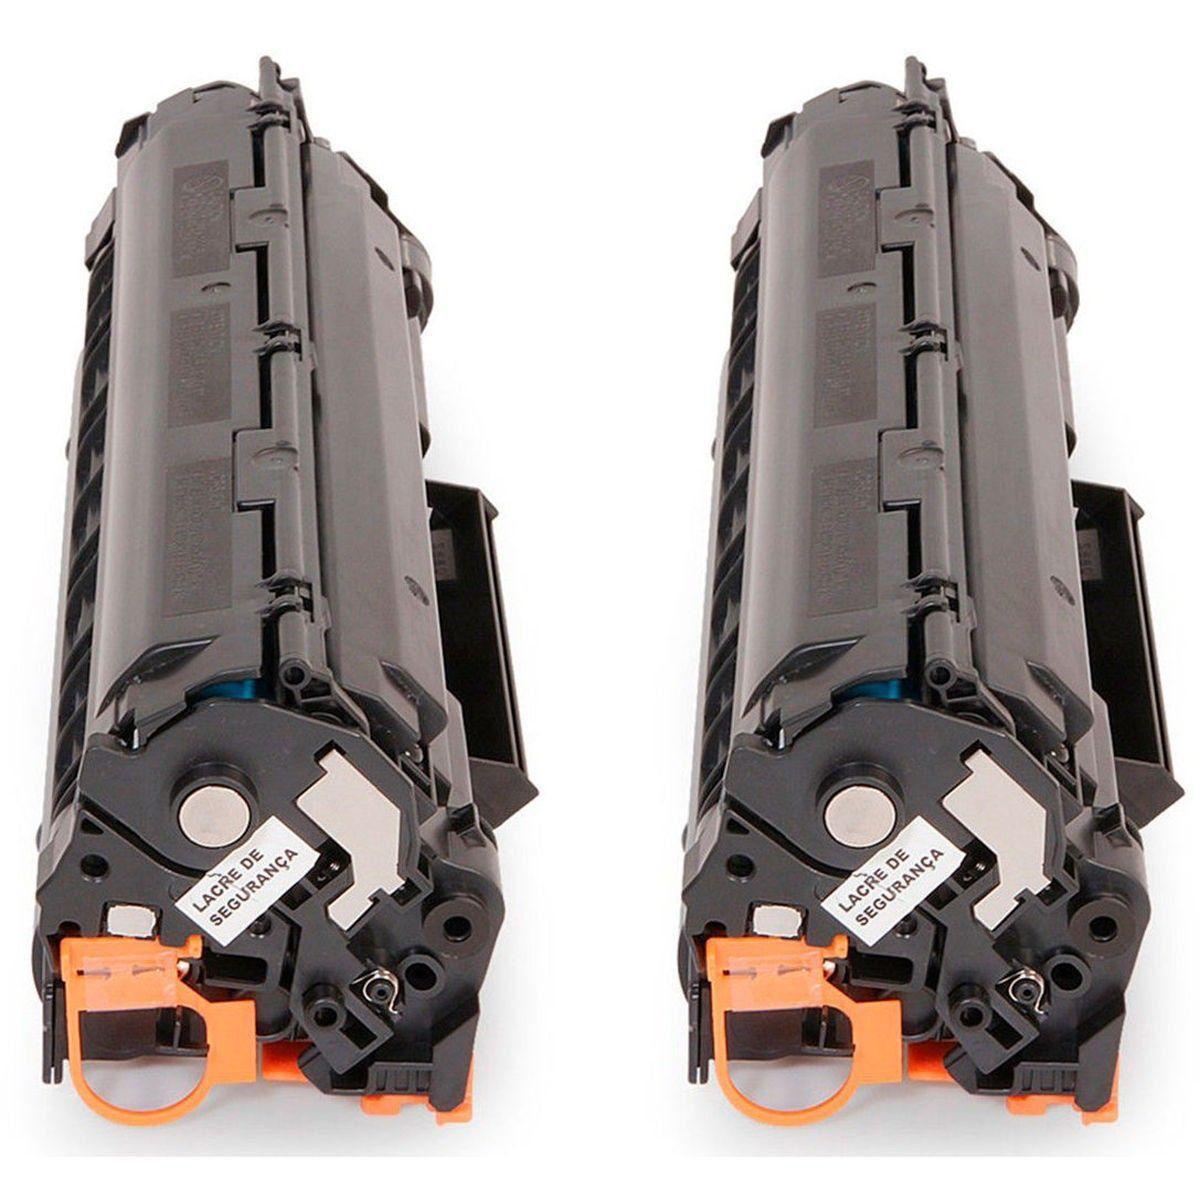 Compatível: Kit 2x Toner CE285A 285 para HP M1130 M1132 M1210 M1212 M1212nf P1102w 1102w 1130 1132 / Preto / 1.800